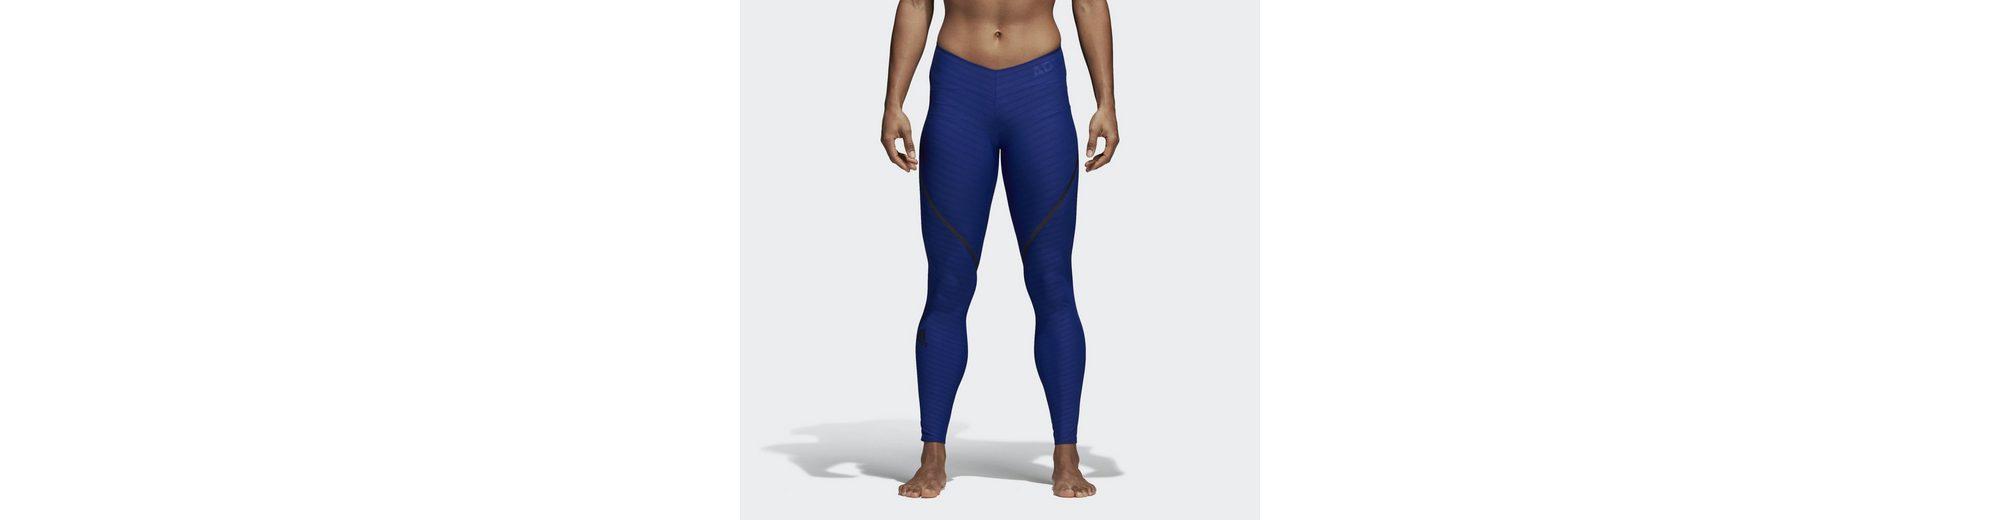 Komfortabel Günstig Online Ansicht Verkauf Online adidas Performance Leggings Alphaskin 360 Tight Günstige Preise Und Verfügbarkeit aNi5sWGB7D